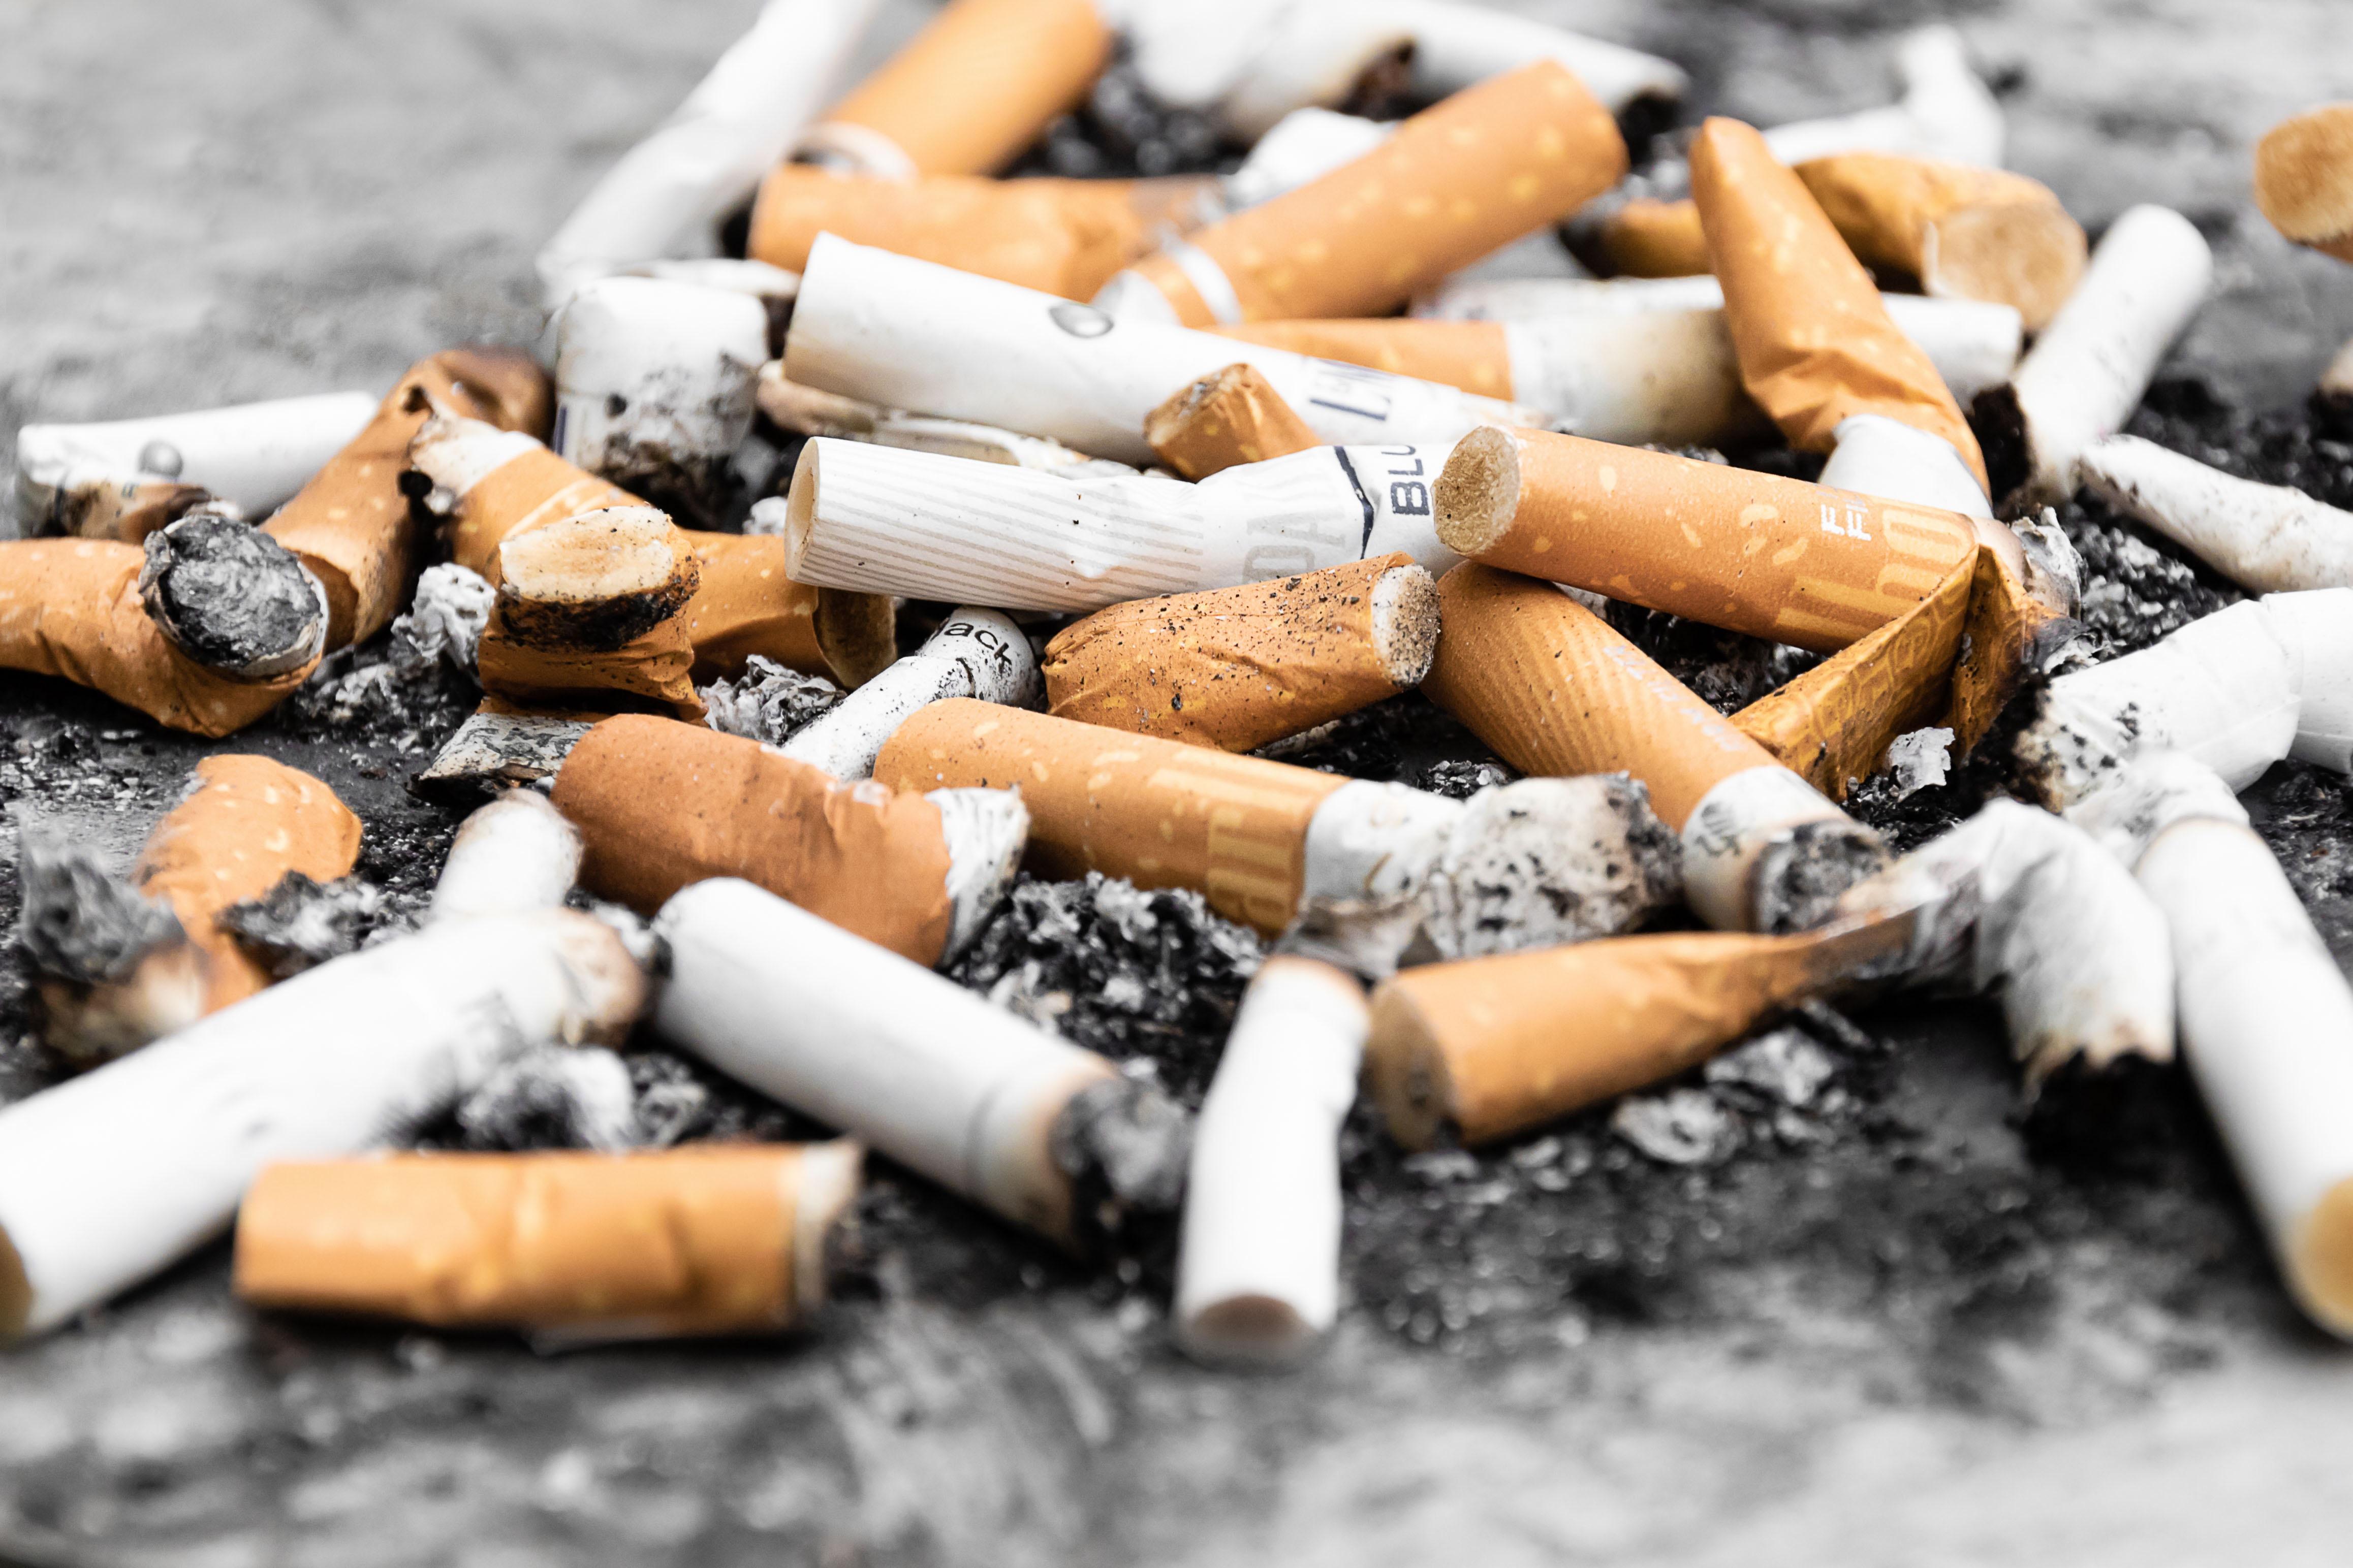 네덜란드 정부의 2020년 담배가격인상/규제 계획